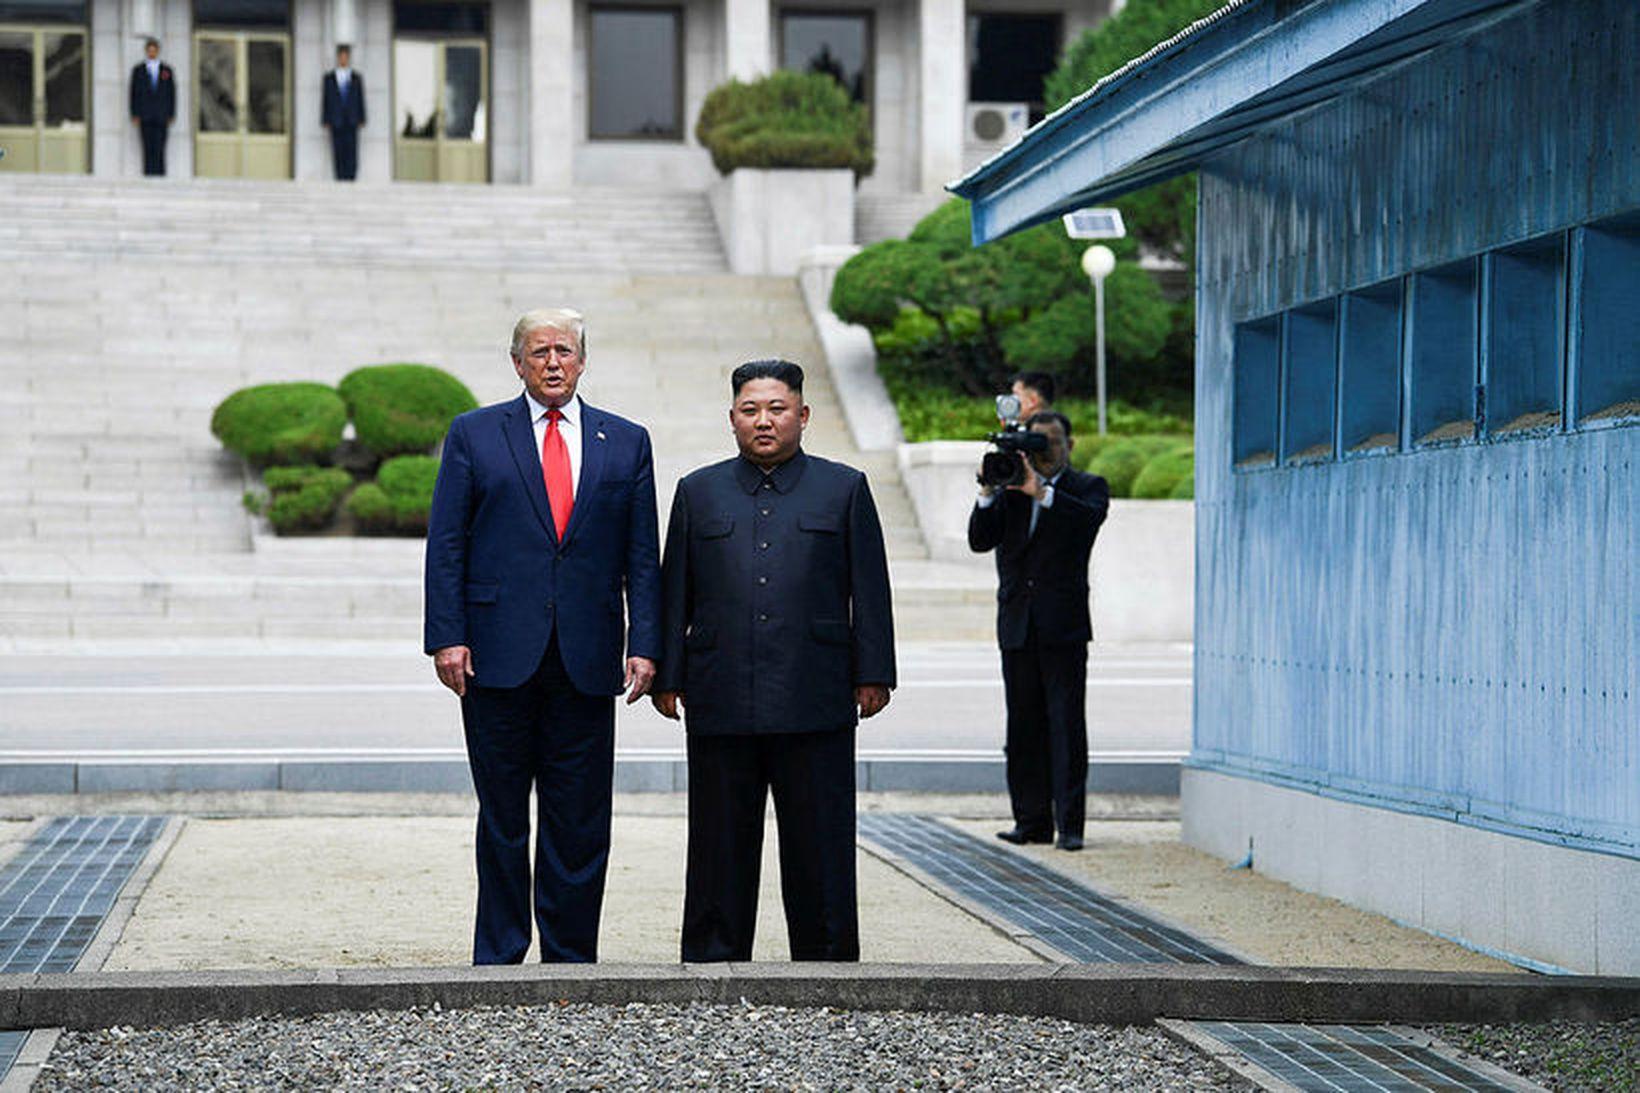 Donald Trump forseti Bandaríkjanna og Kim Jung-un leiðtogi Norður-Kóreu.